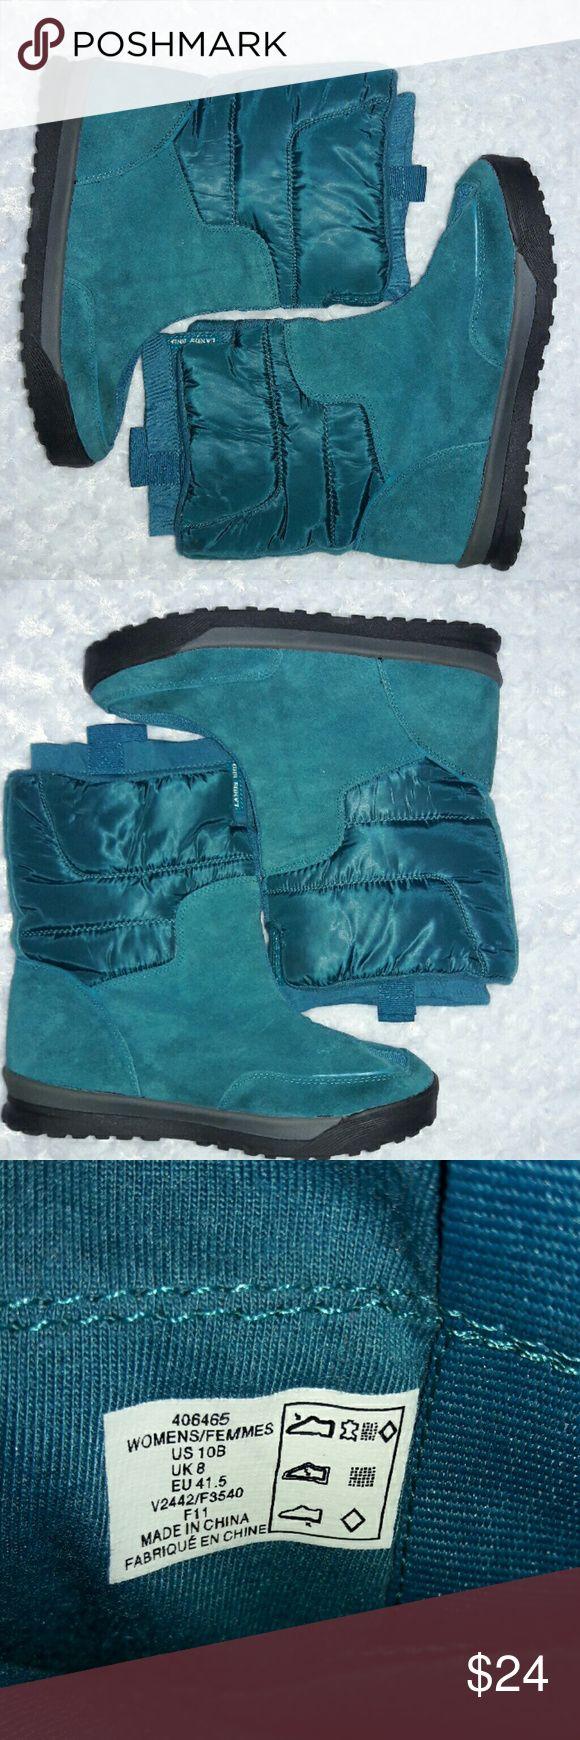 Lands End Boots Women's Snow Winter Size 10 Lands End Boots Women's Snow Winter   Size 10B  Color ~ Teal  Worn once Lands' End Shoes Winter & Rain Boots